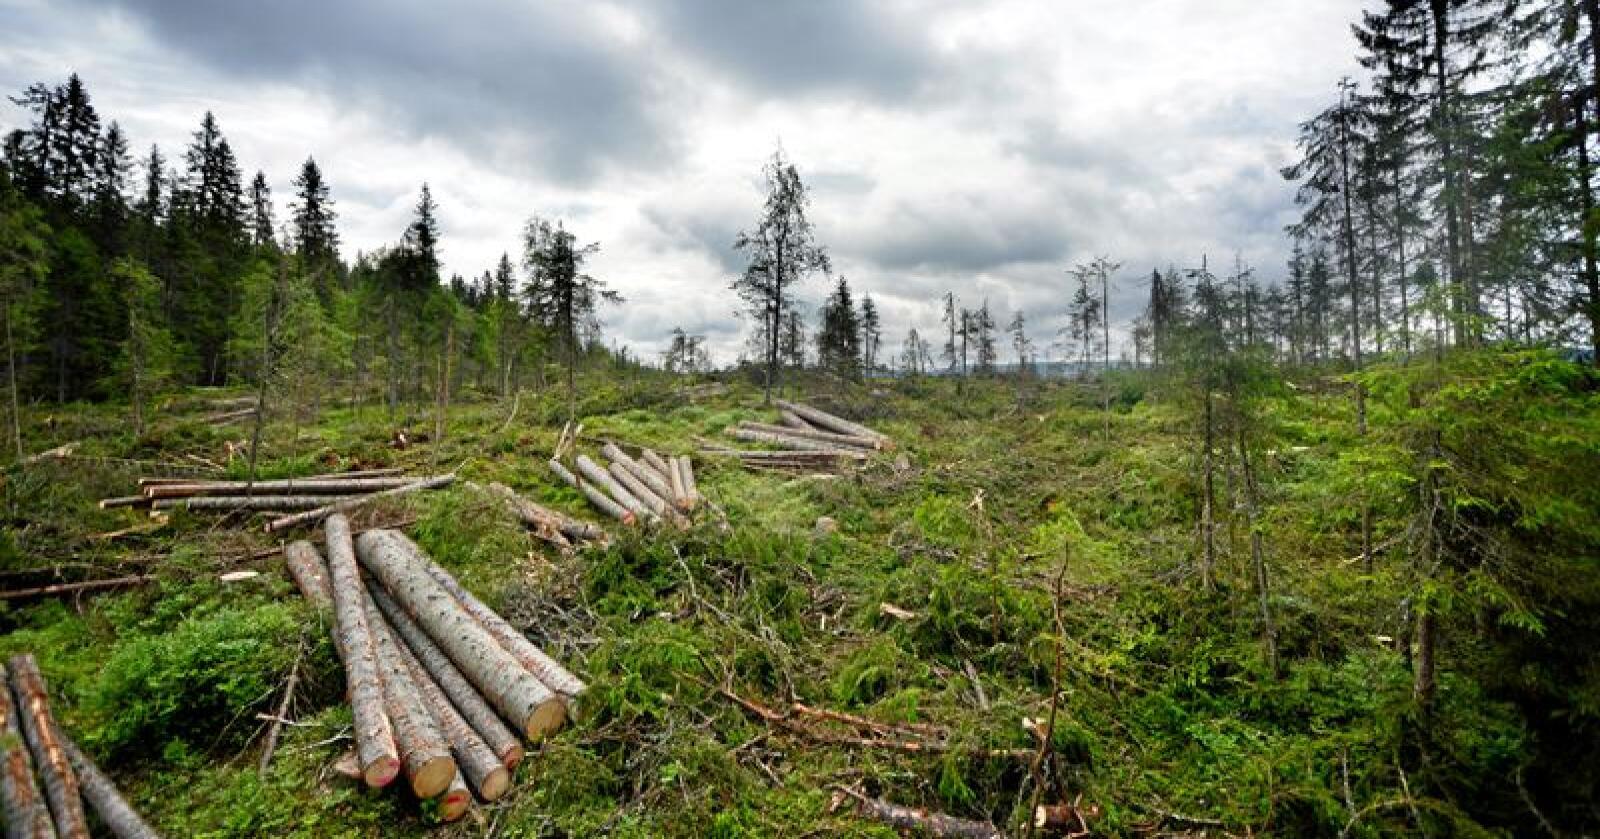 Naturvernforbundet mener skognæringen ikke gjør nok for å unngå at fugler blir berørt i hekkeperioden. Foto: Siri Juell Rasmussen